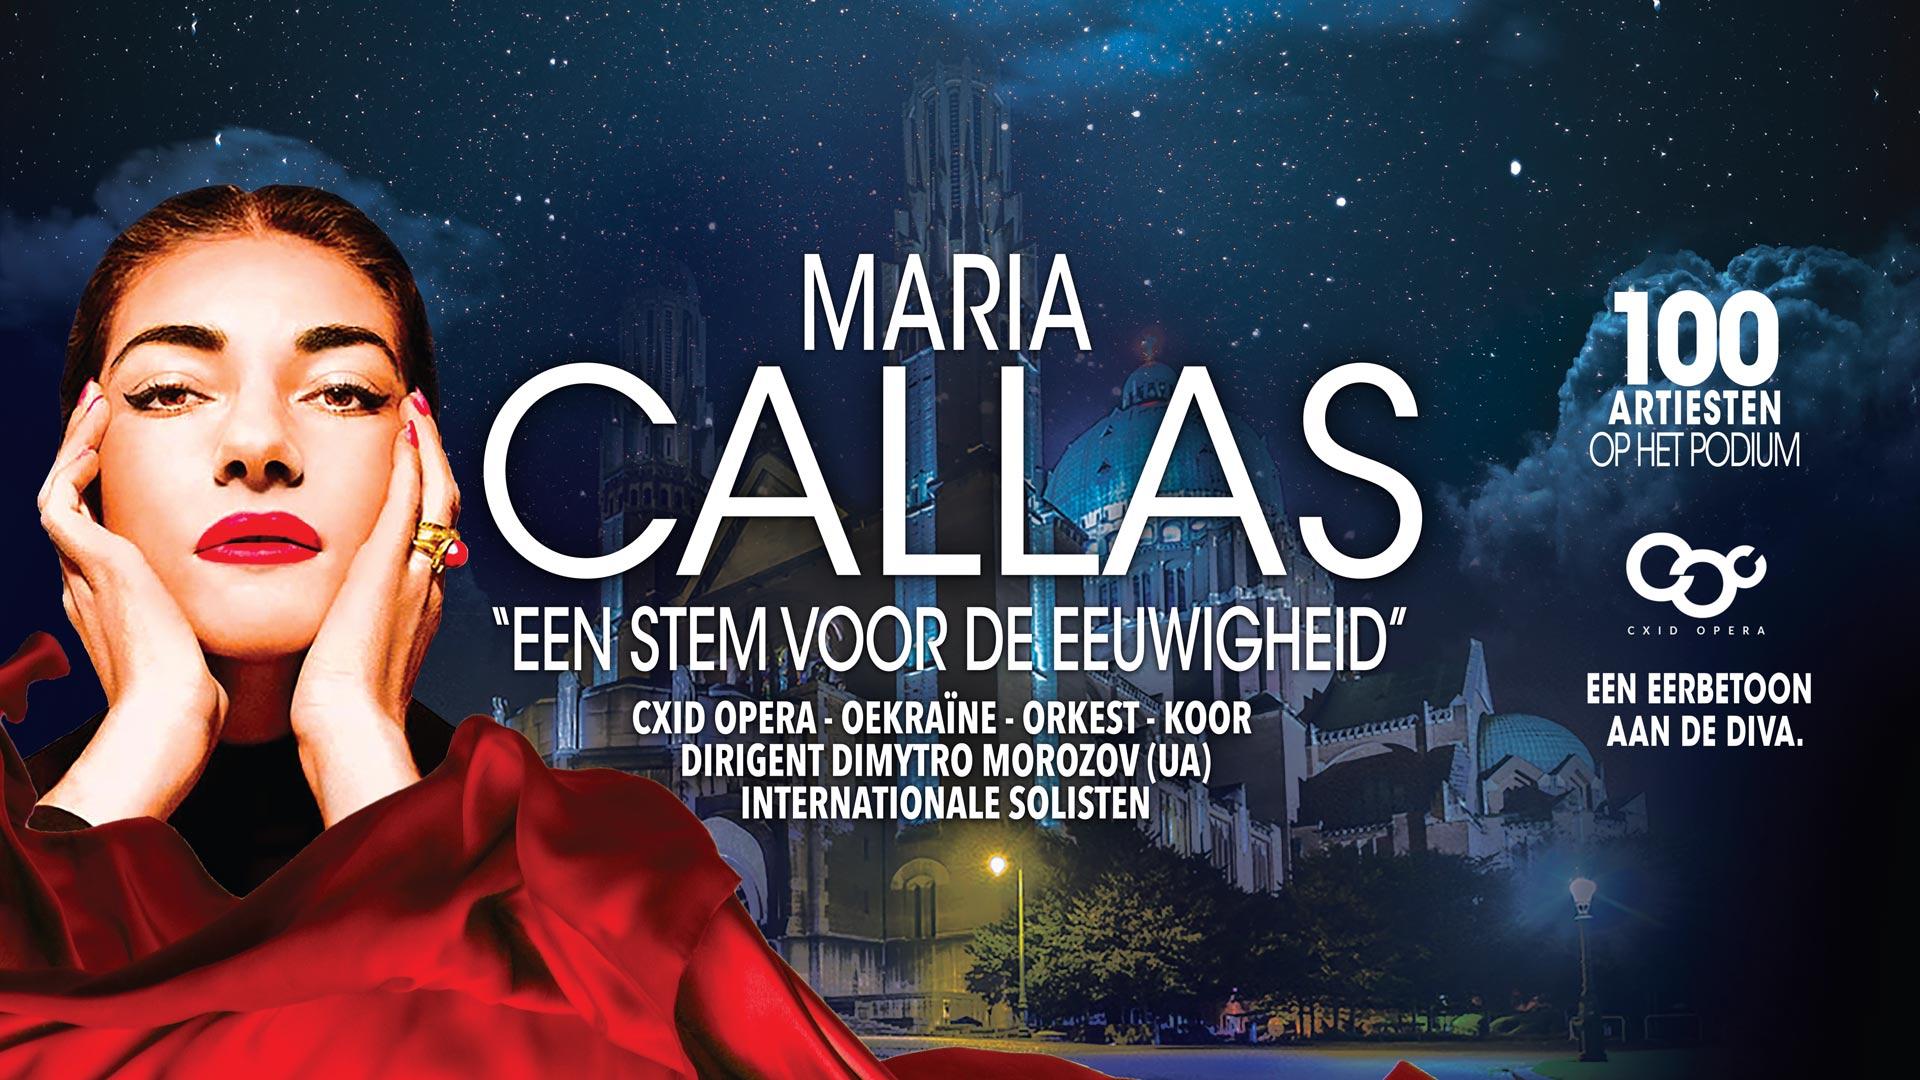 Maria Callas, een stem voor de eeuwigheid, Basiliek van Koekelberg